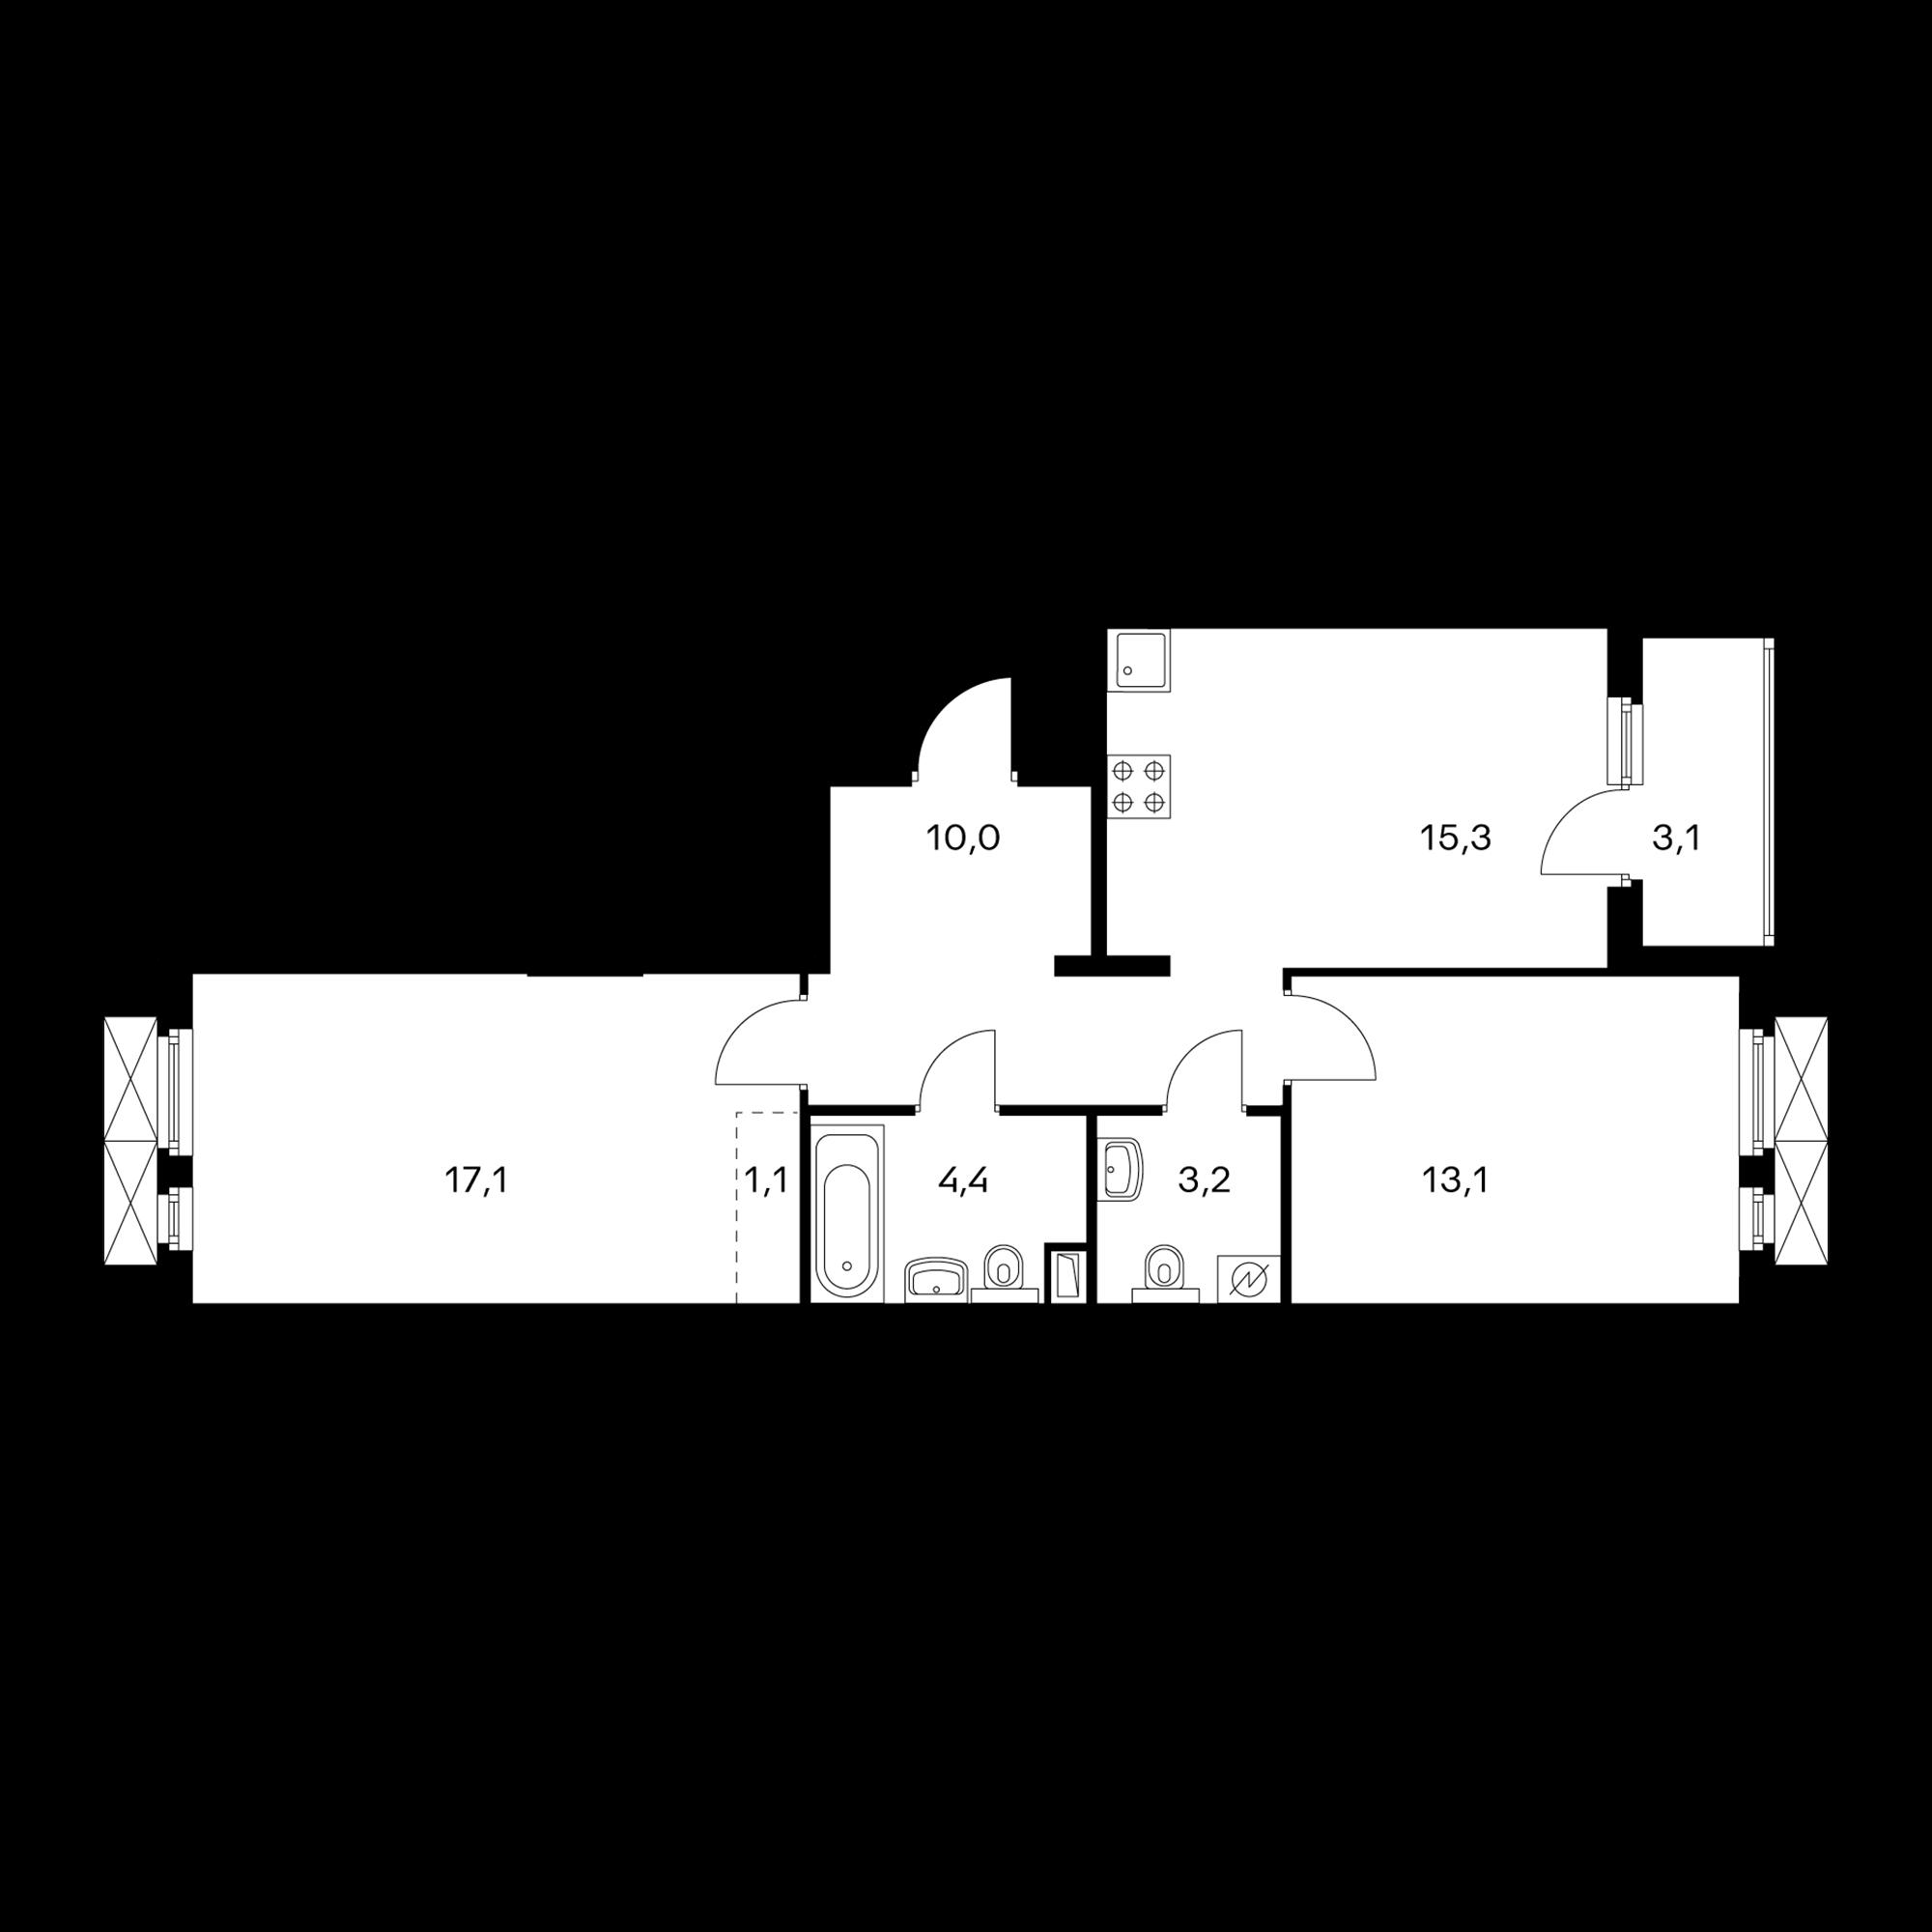 2EL6_03_L2